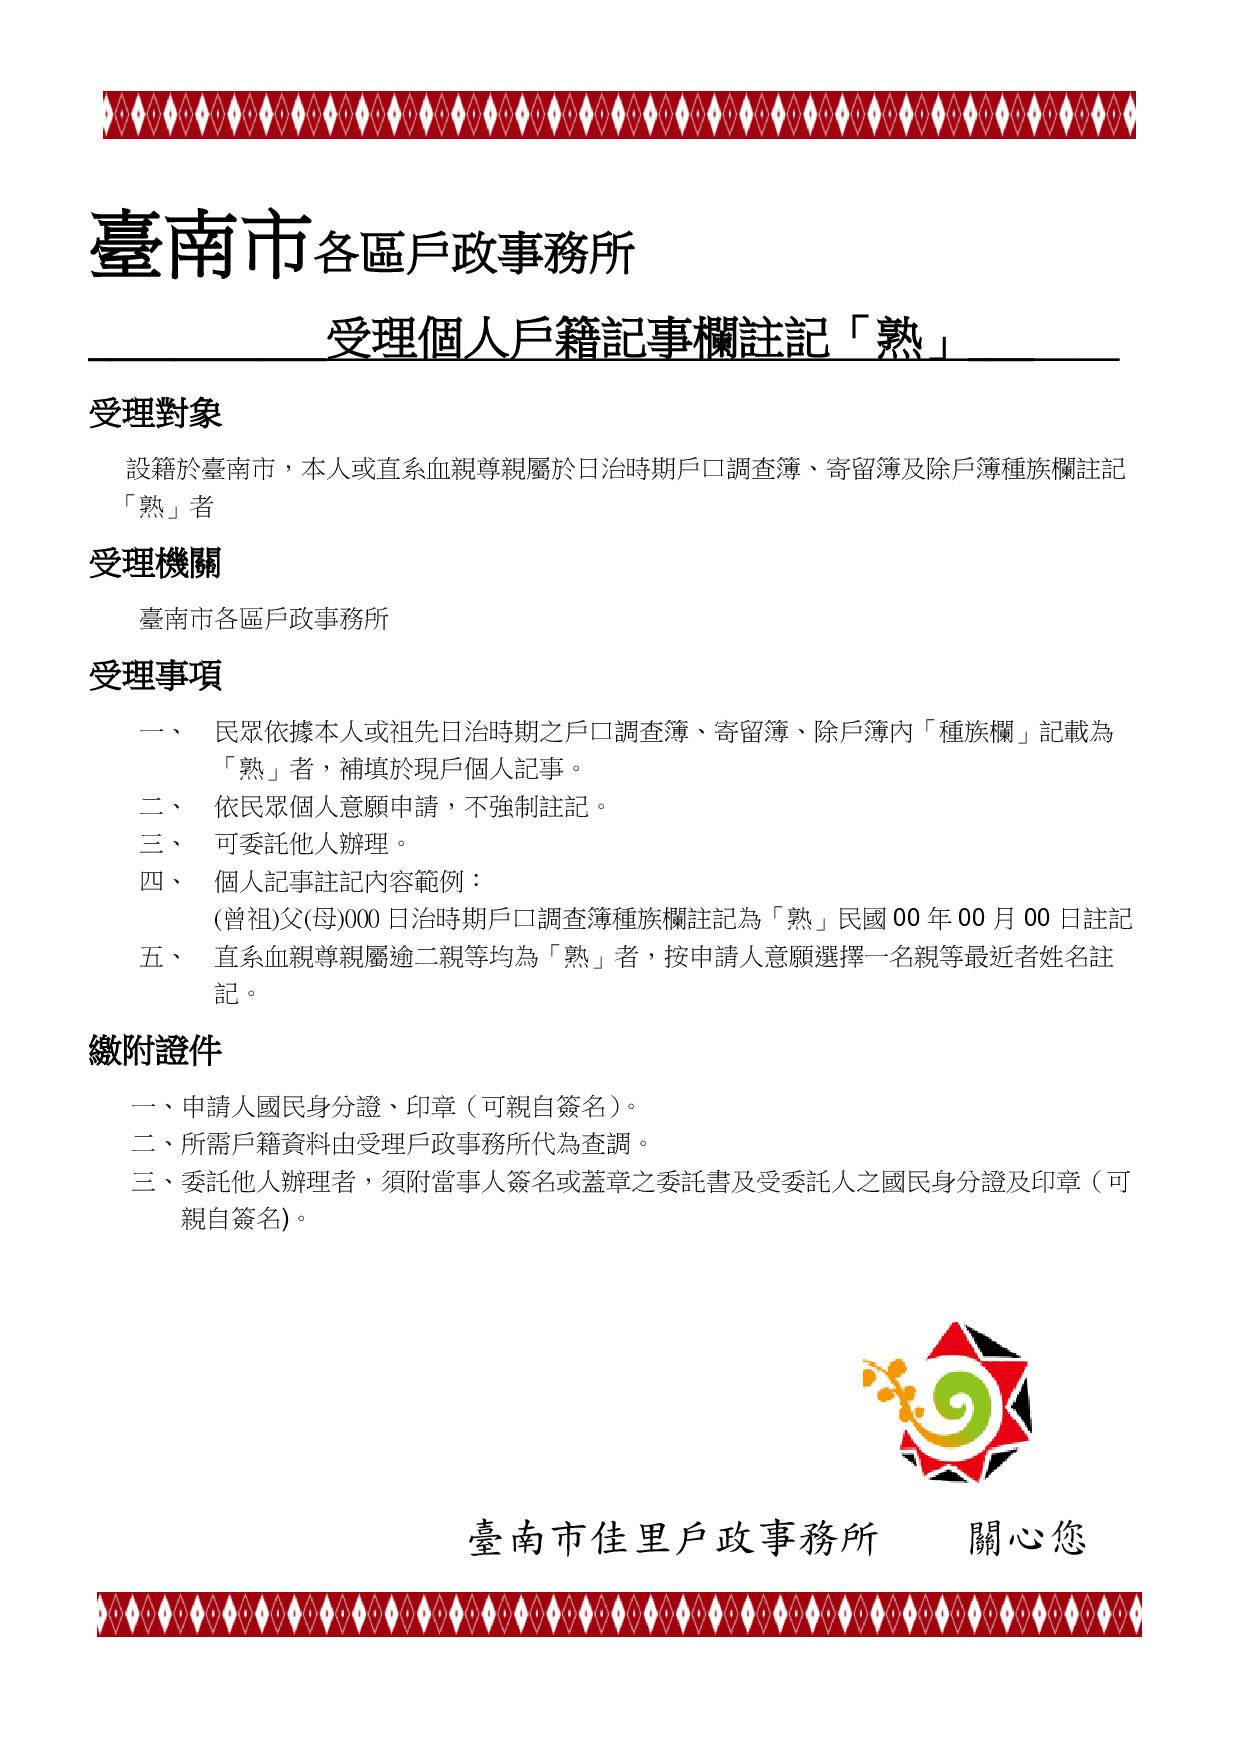 「臺南市各區戶政事務所受理個人戶籍記事欄註記『熟』」